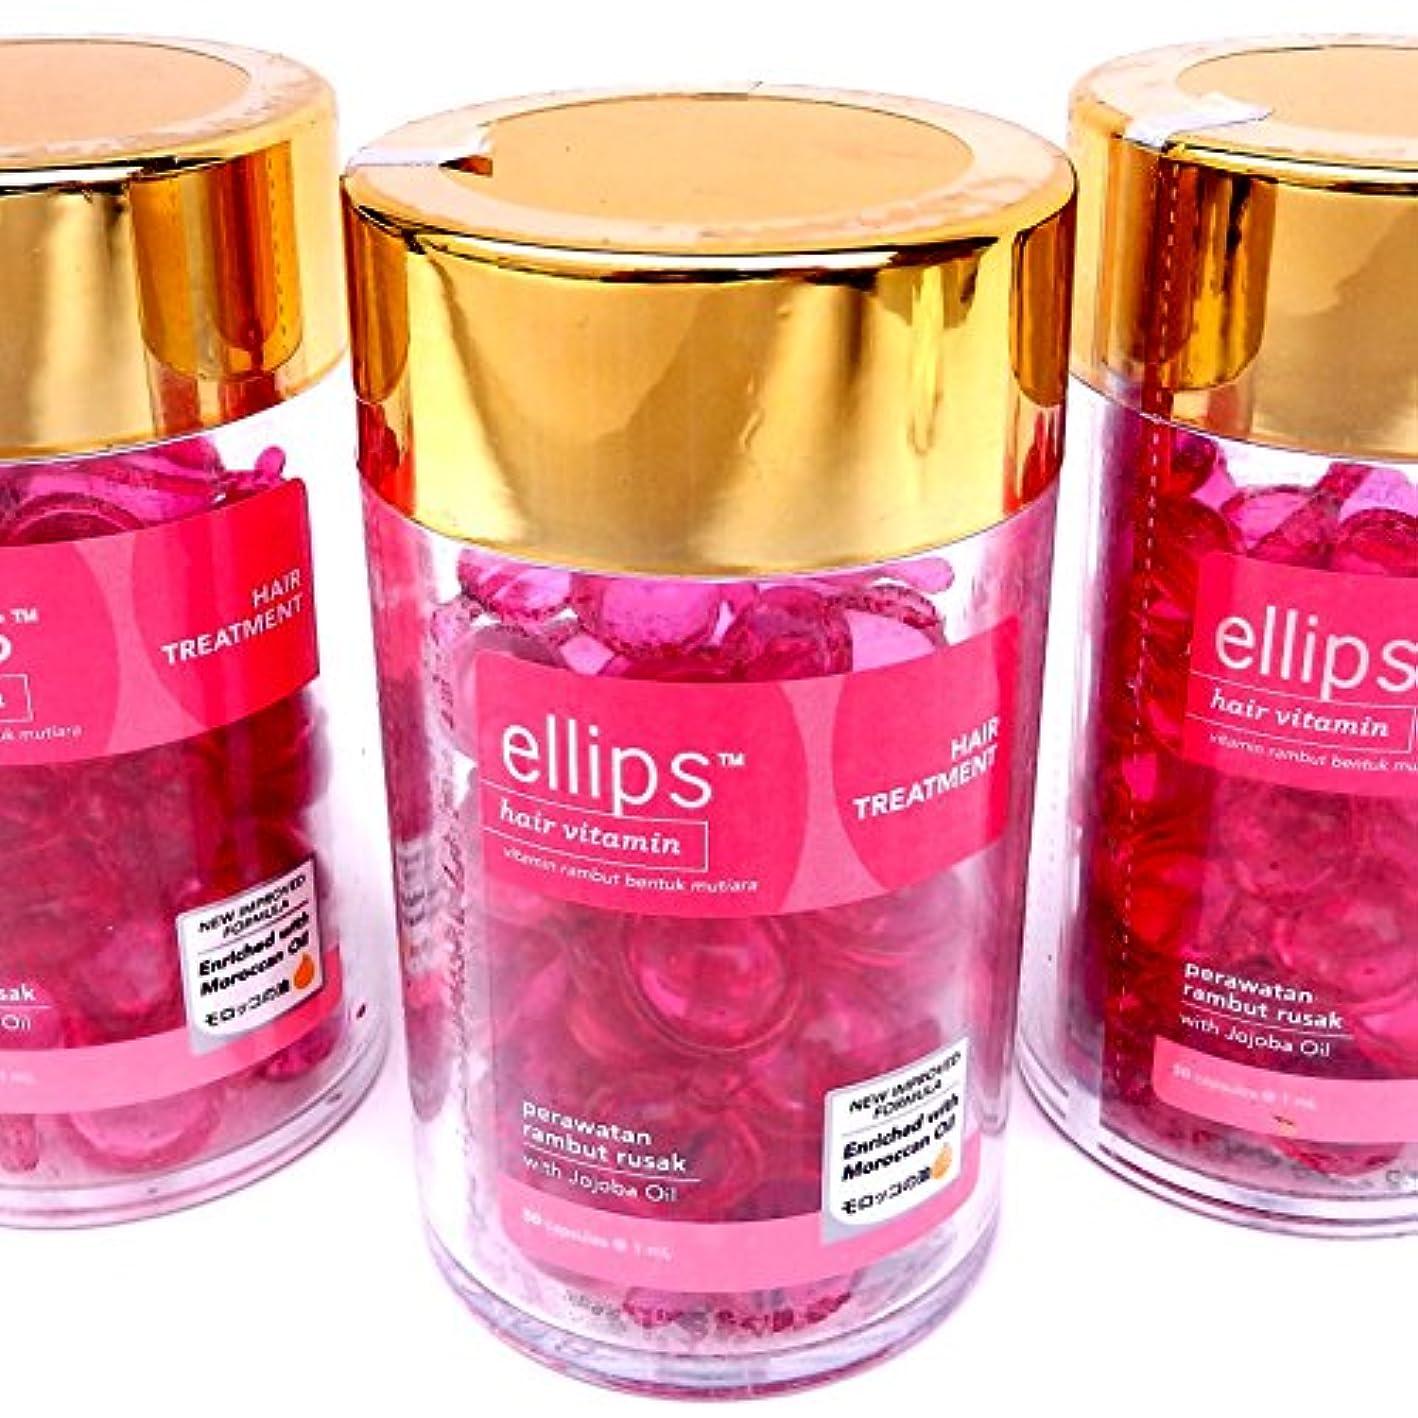 長方形対角線リテラシーエリプス(Ellips) ヘアビタミン ピンク ボトル(50粒入)× 3 個セット[並行輸入品]